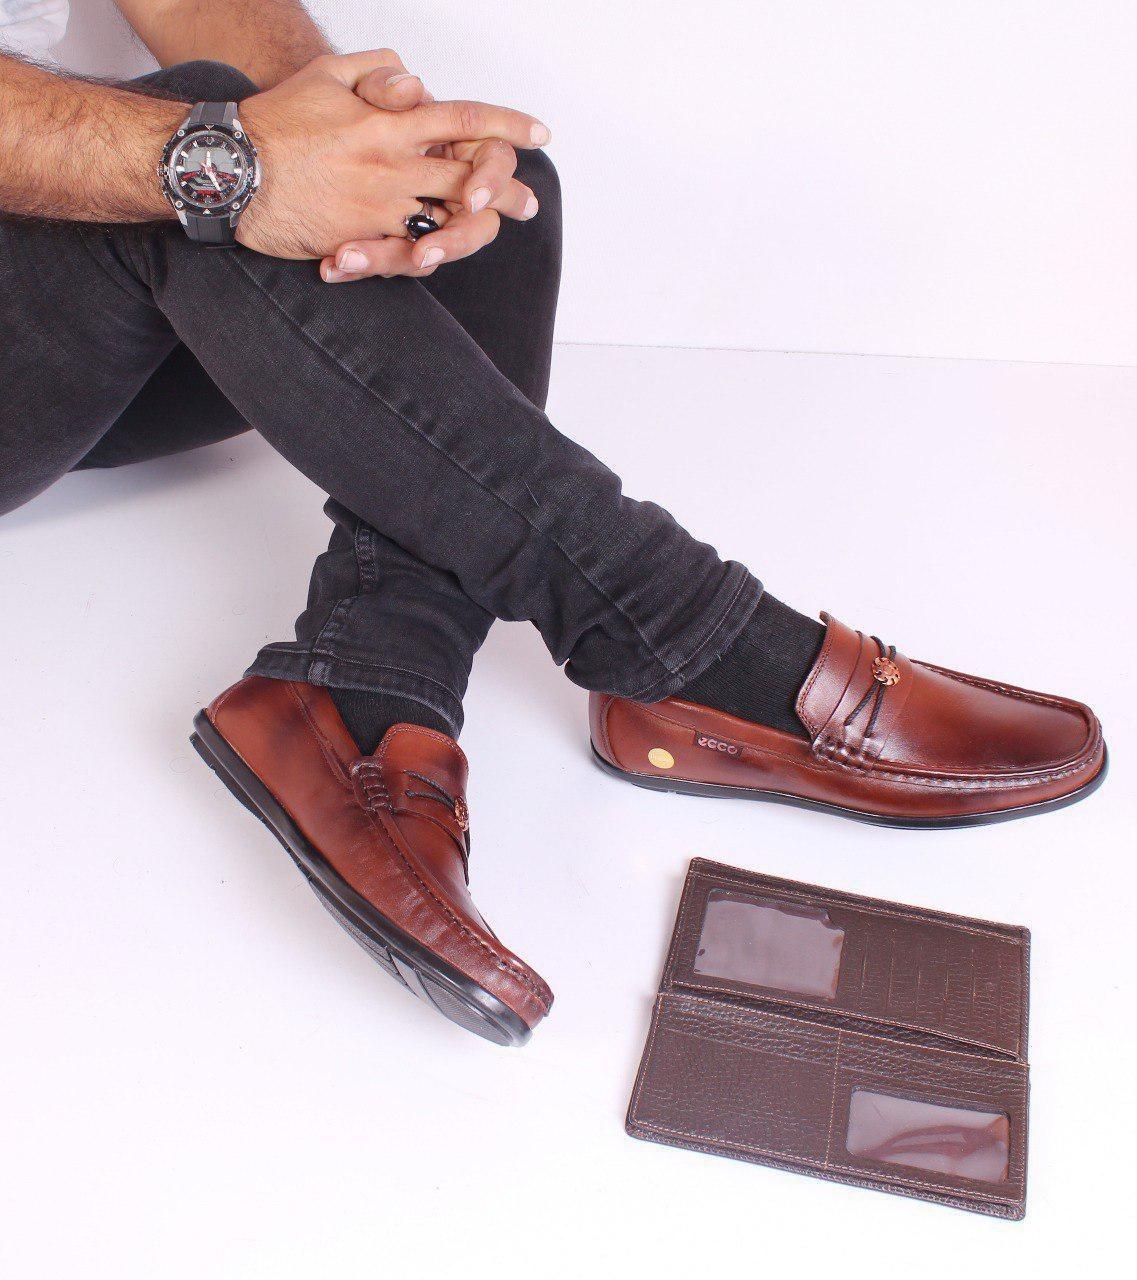 عکس کفش کالج مردانه چرم  کفش-کالج-مردانه-چرم